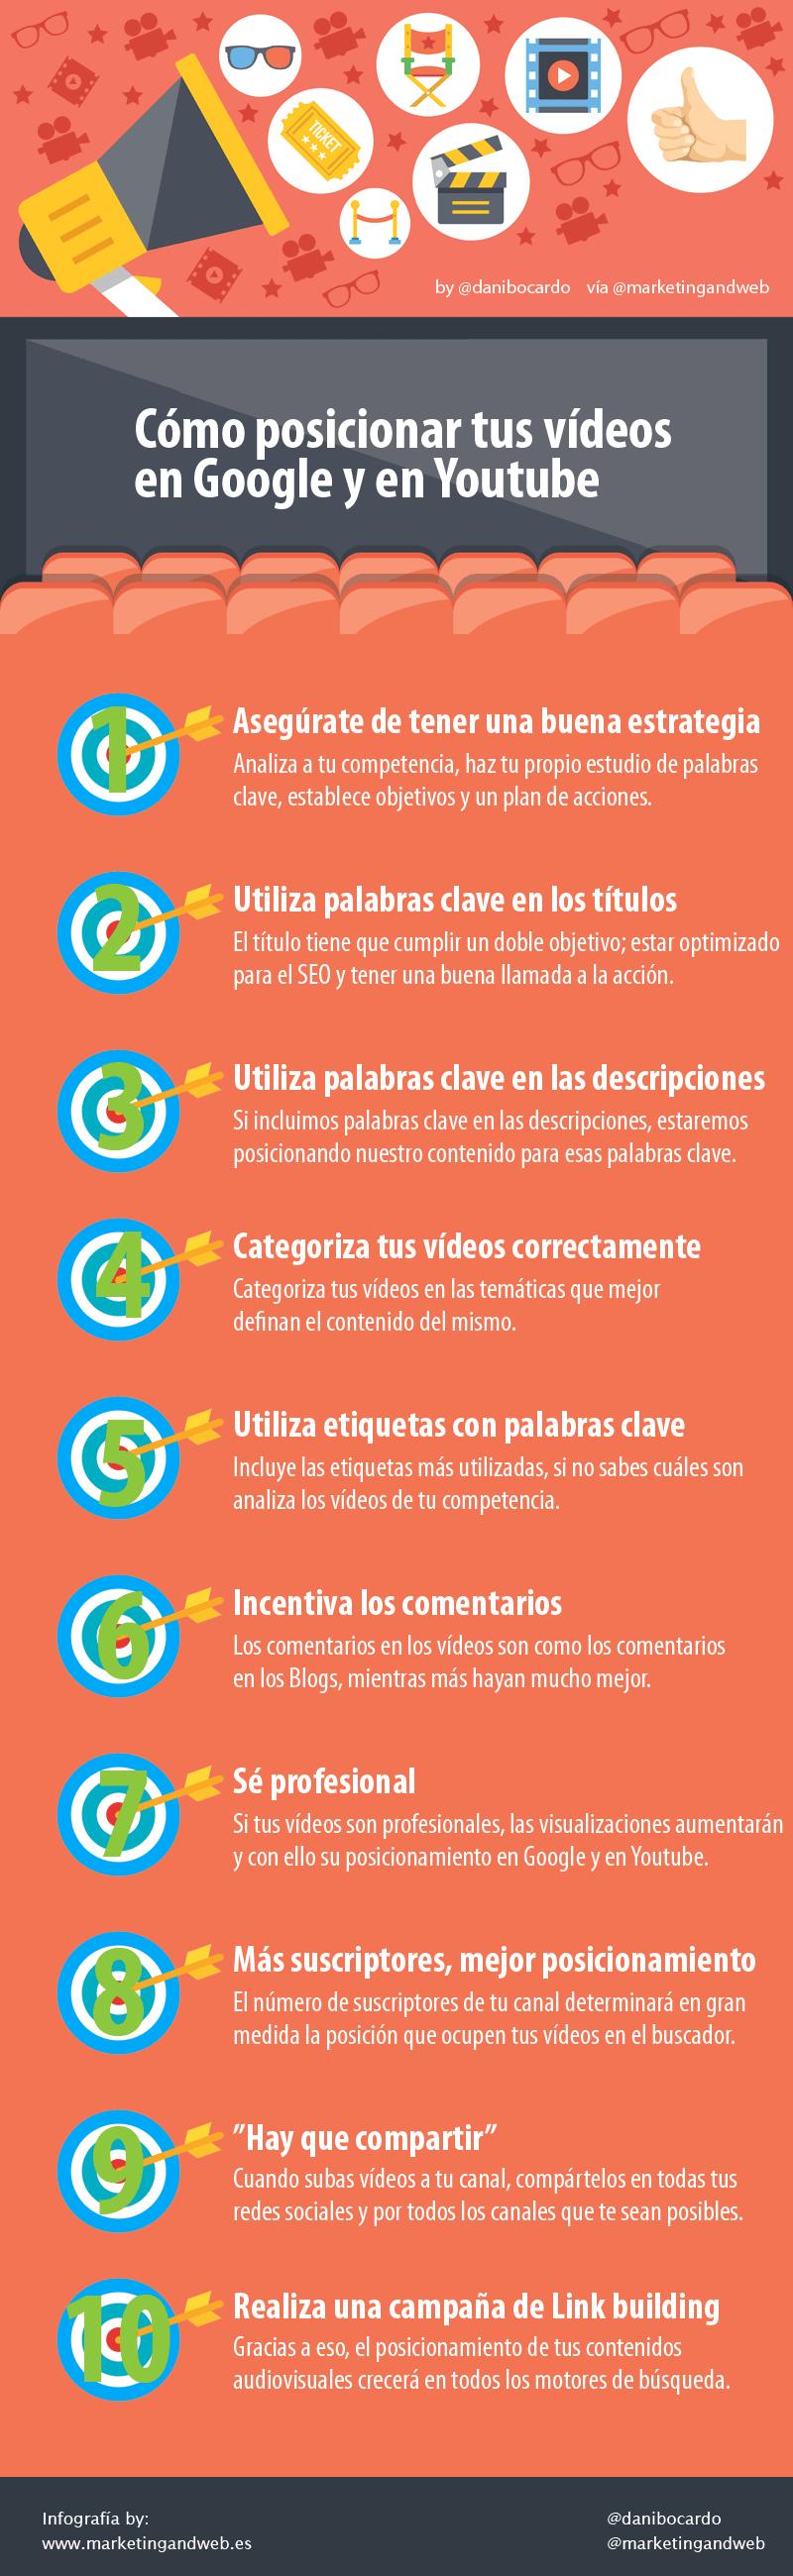 como posicionar tus videos en youtube infografia